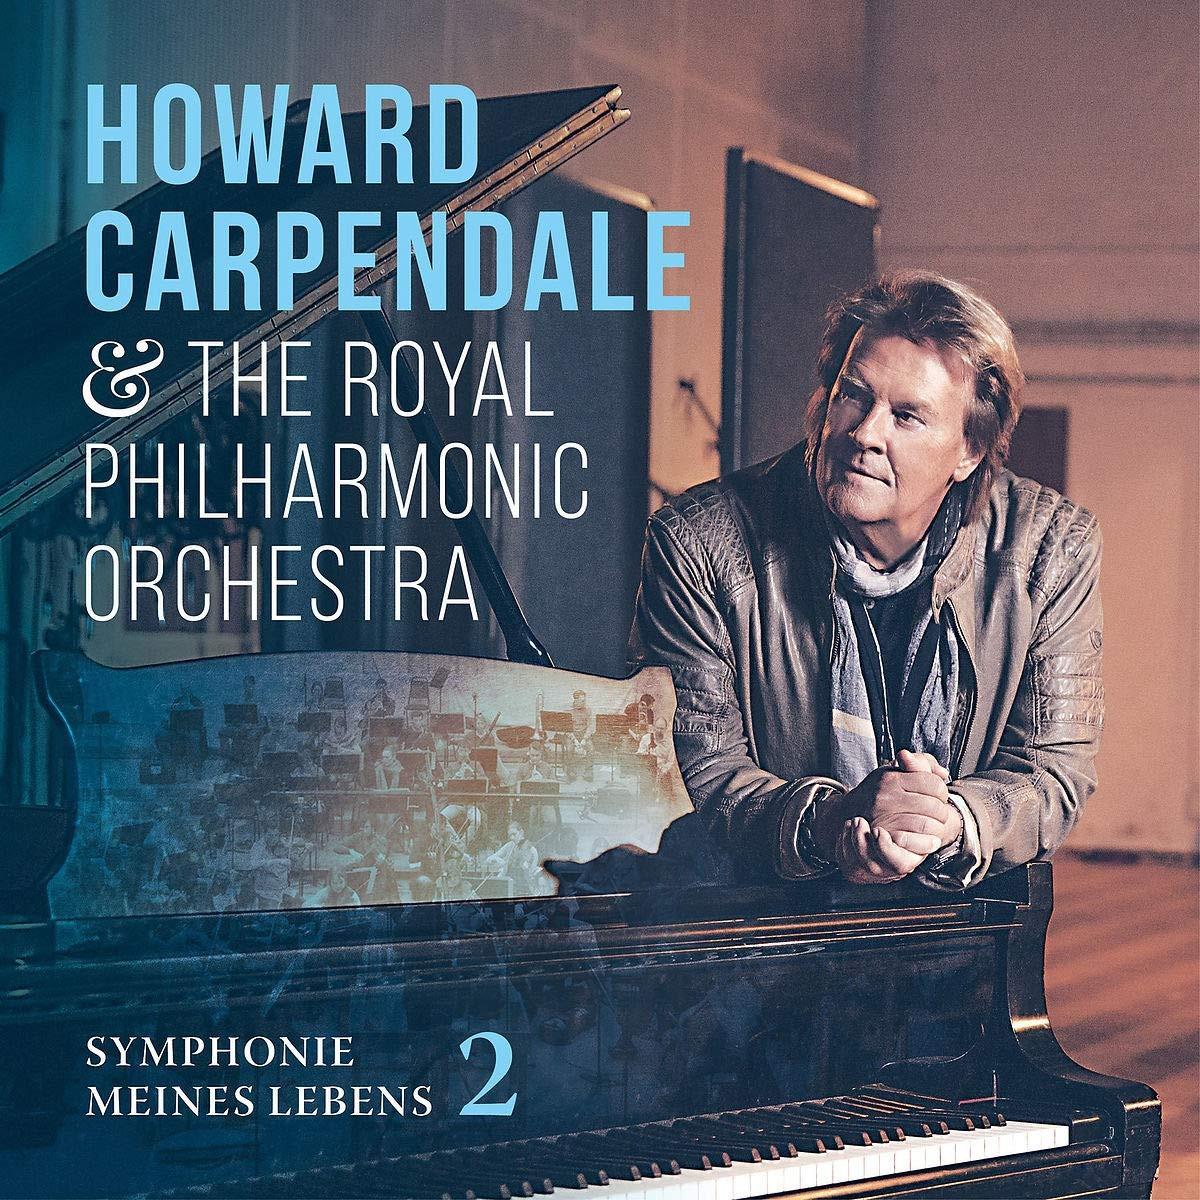 Das neue Album von Howard Carpendale vereint das Beste seiner Karriere mit dem renommierten Royal Philharmonic Orchestra.